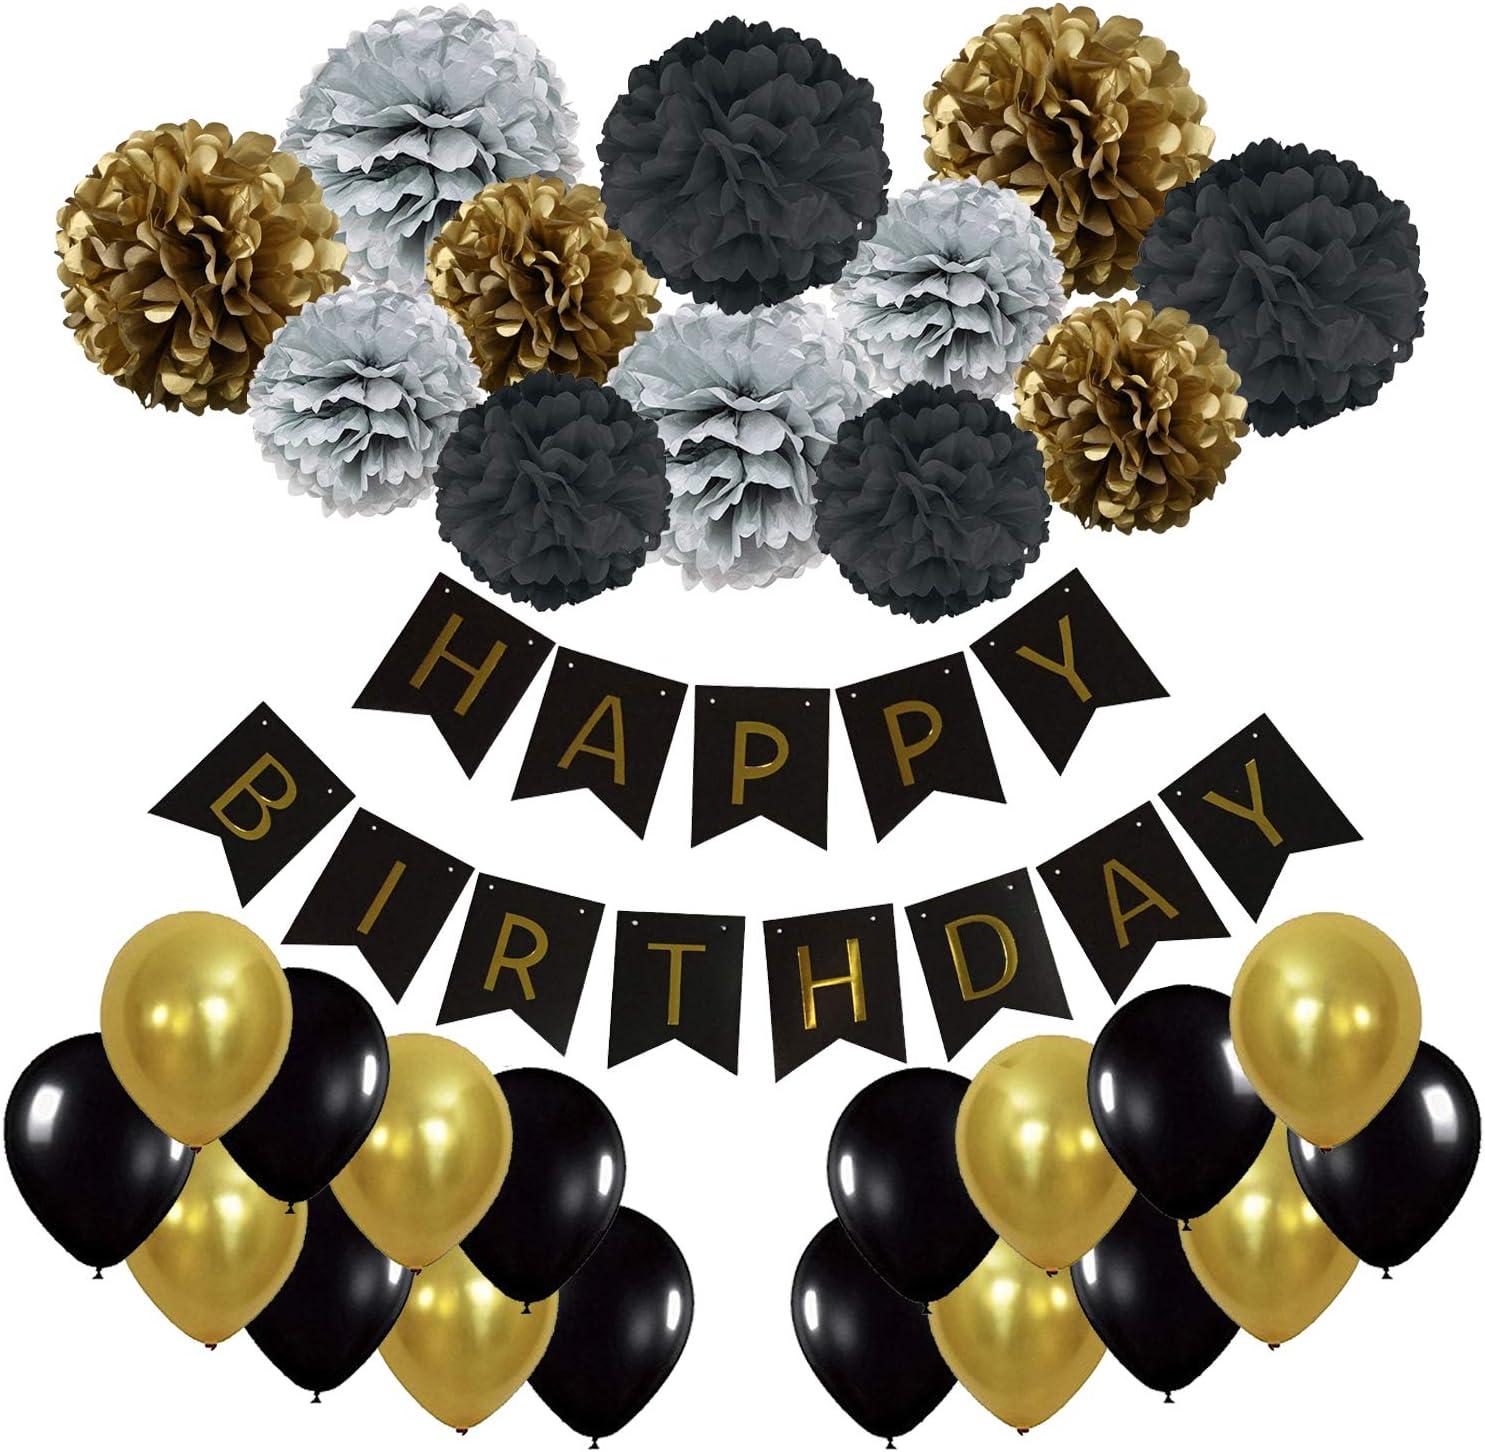 Schwarz Gold und Silber Recosis Geburtstag Party Dekoration Happy Birthday Wimpelkette Banner Girlande mit Seidenpapier Pompoms und Luftballons f/ür M/ädchen und Jungen Jeden Alters